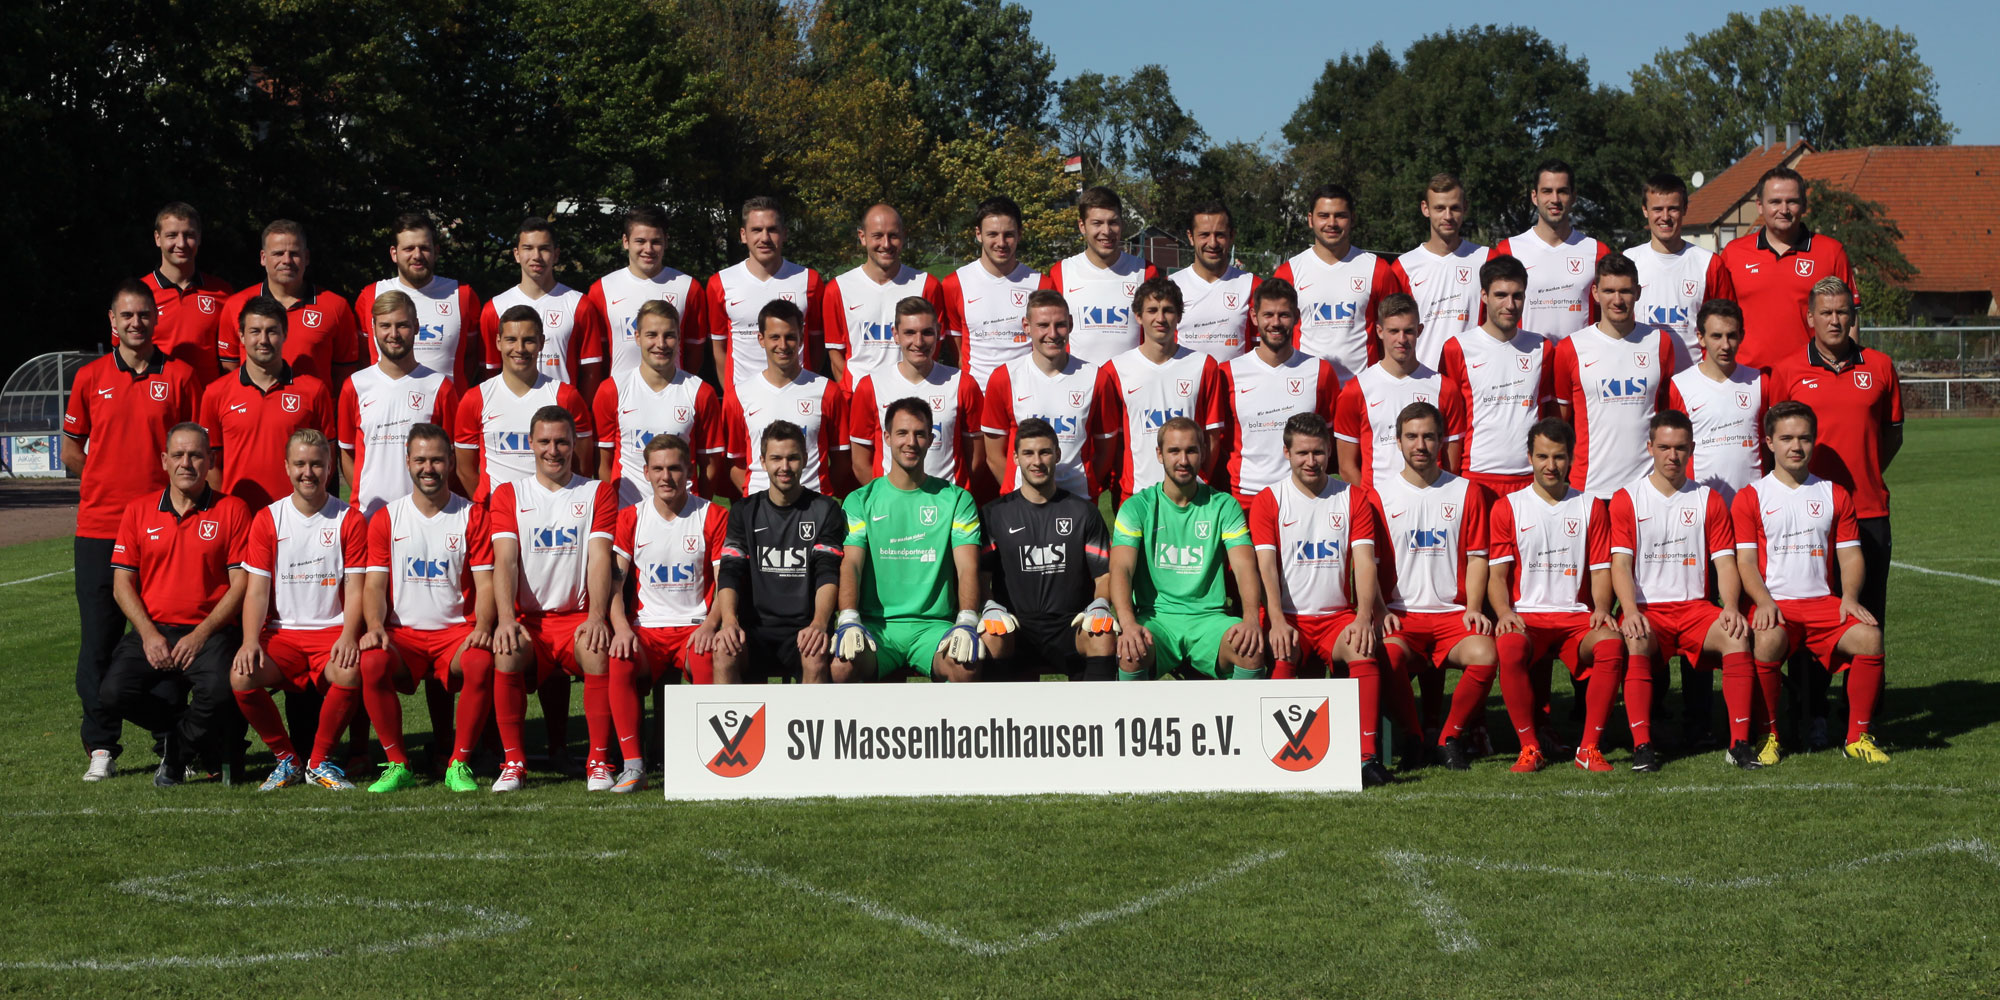 SV Massenbachhausen